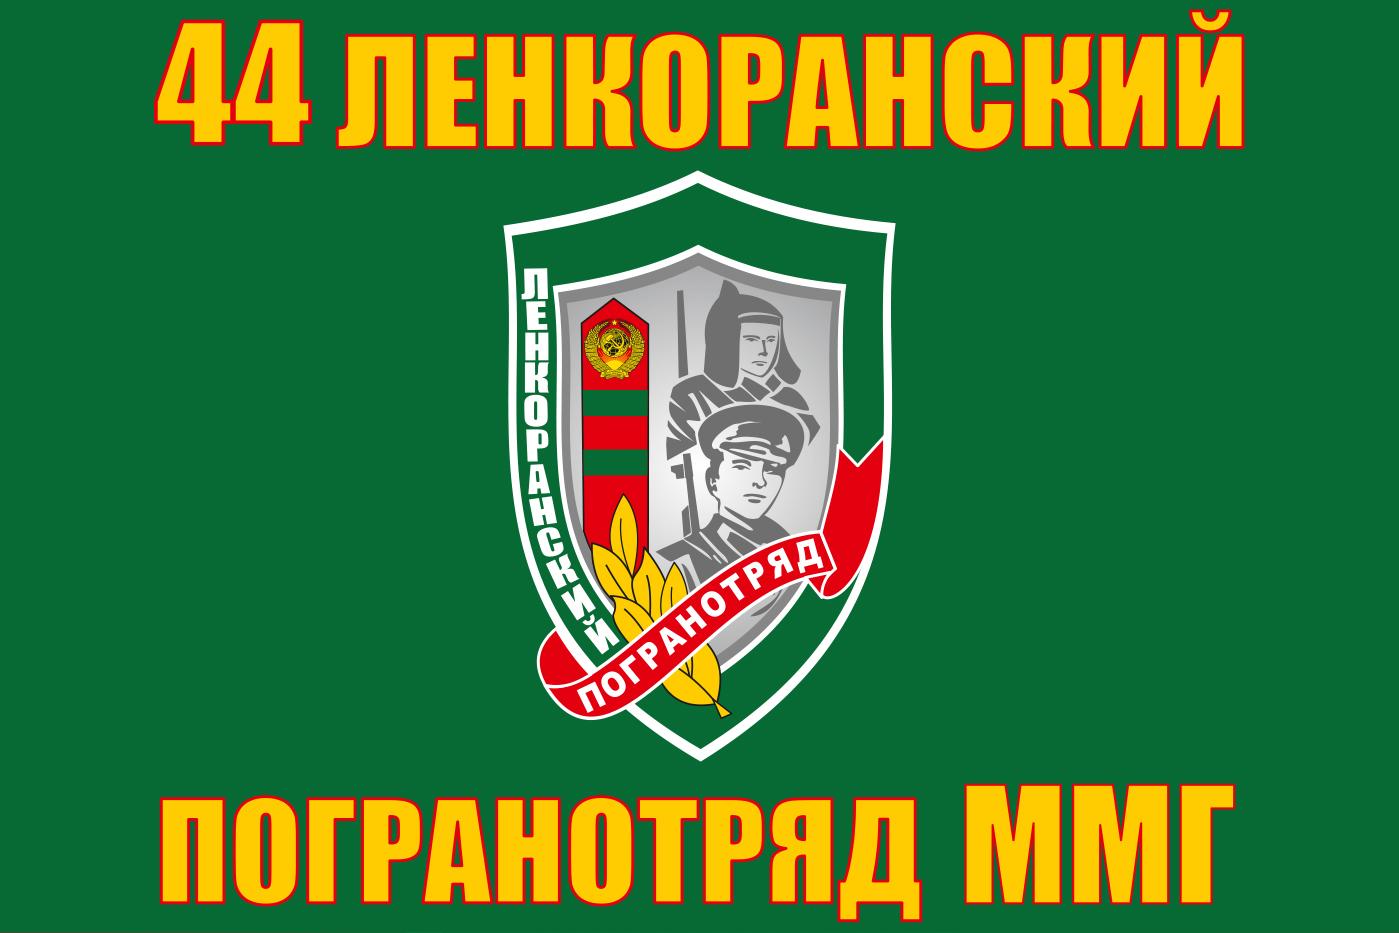 Флаг 44 Ленкоранский погранотряд ММГ